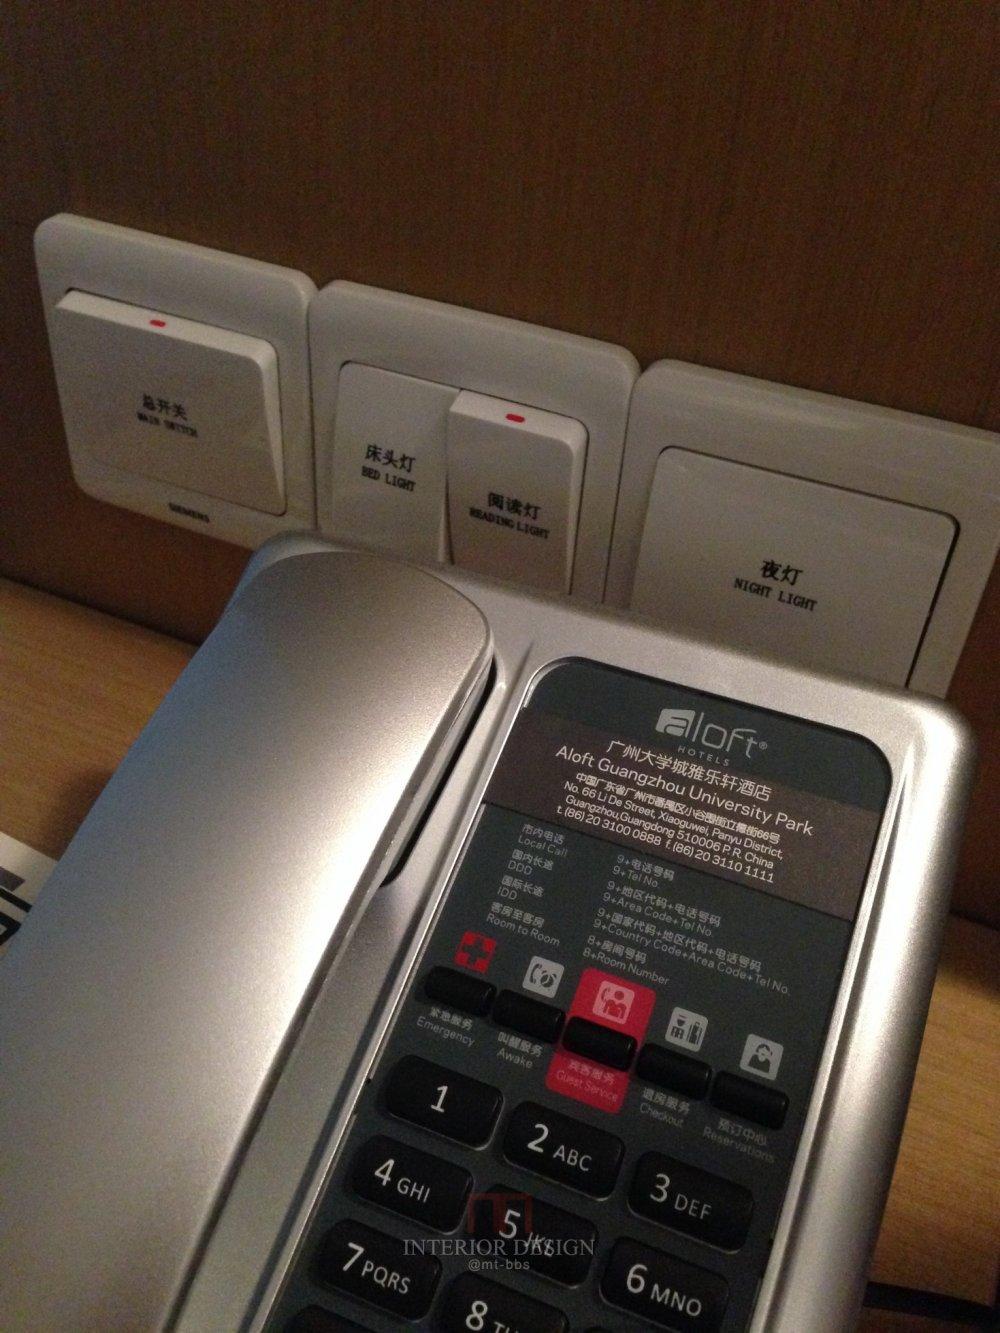 广州大学城雅乐轩酒店ALOFT GUANGZHOU UNIVERSITY PARK自拍分享_IMG_2899.JPG